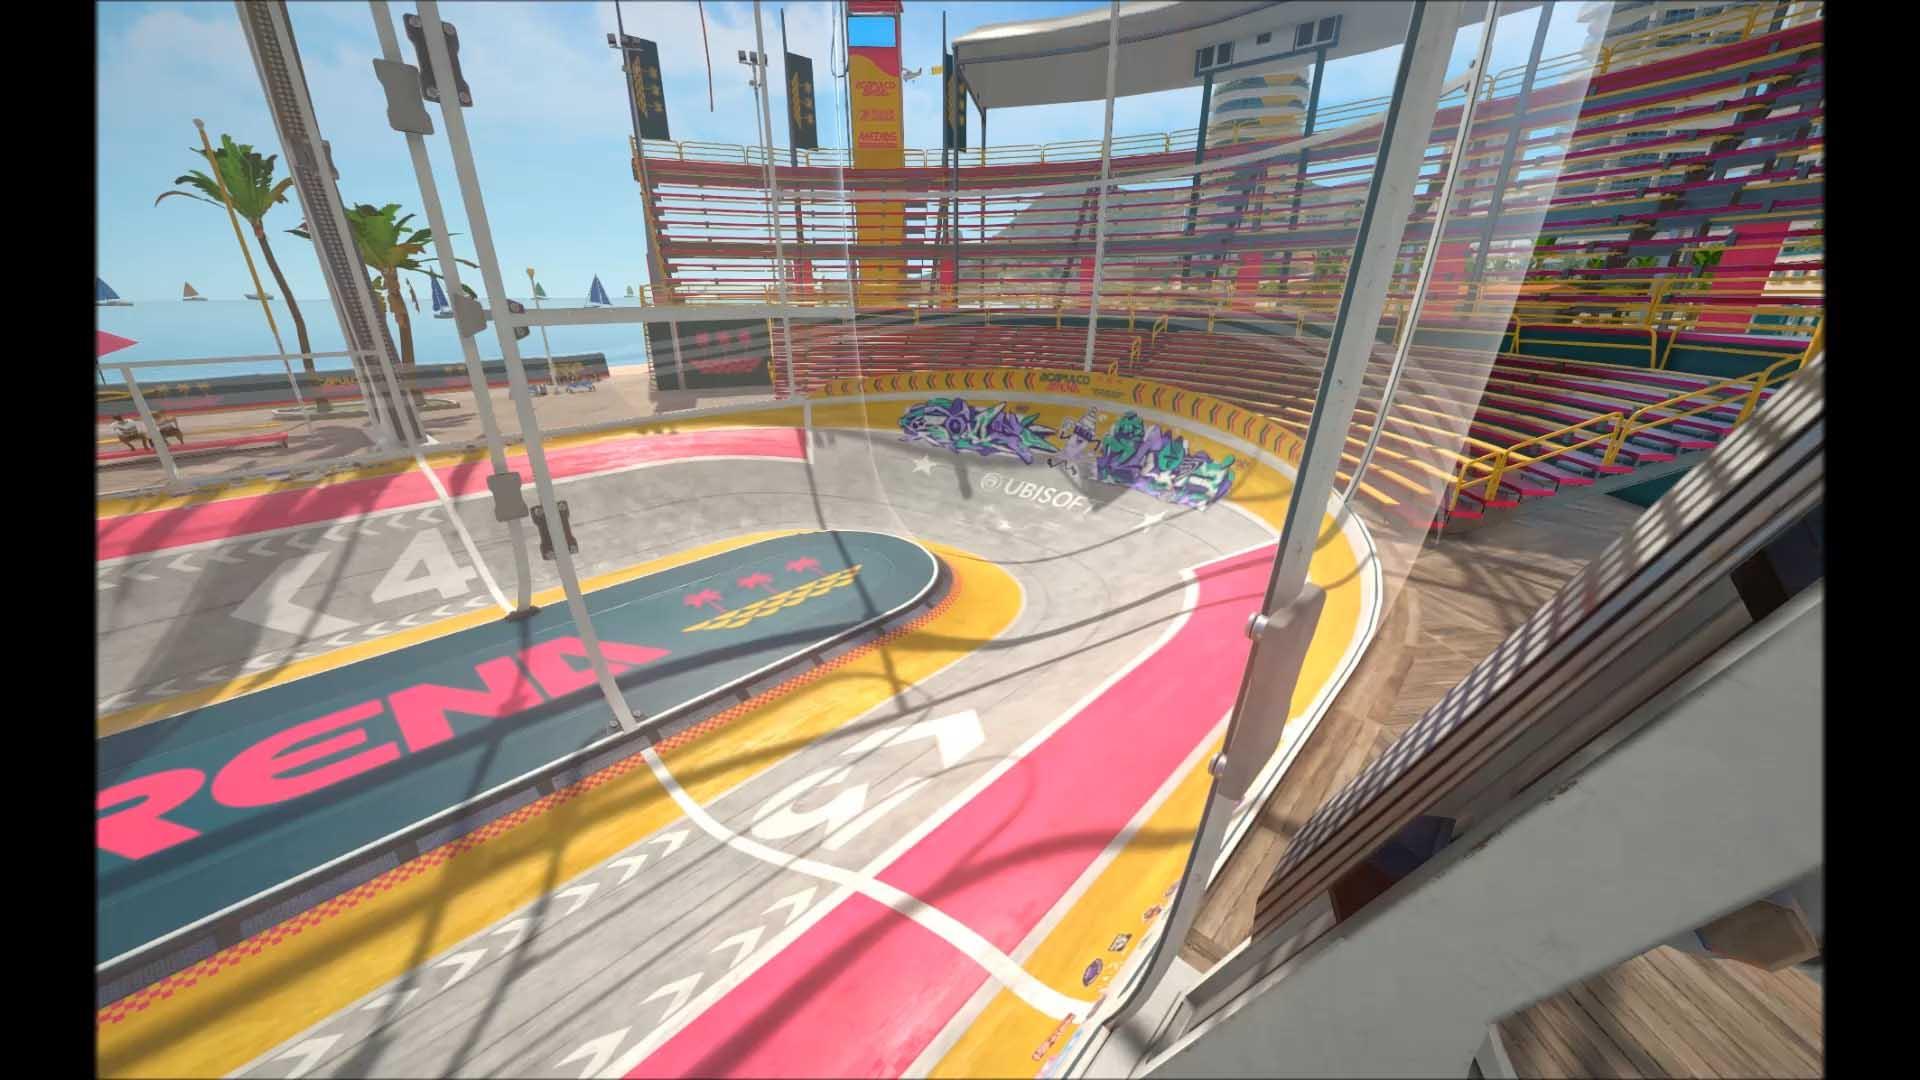 Nueva información describe la nueva IP de Ubisoft, Roller Champions 4